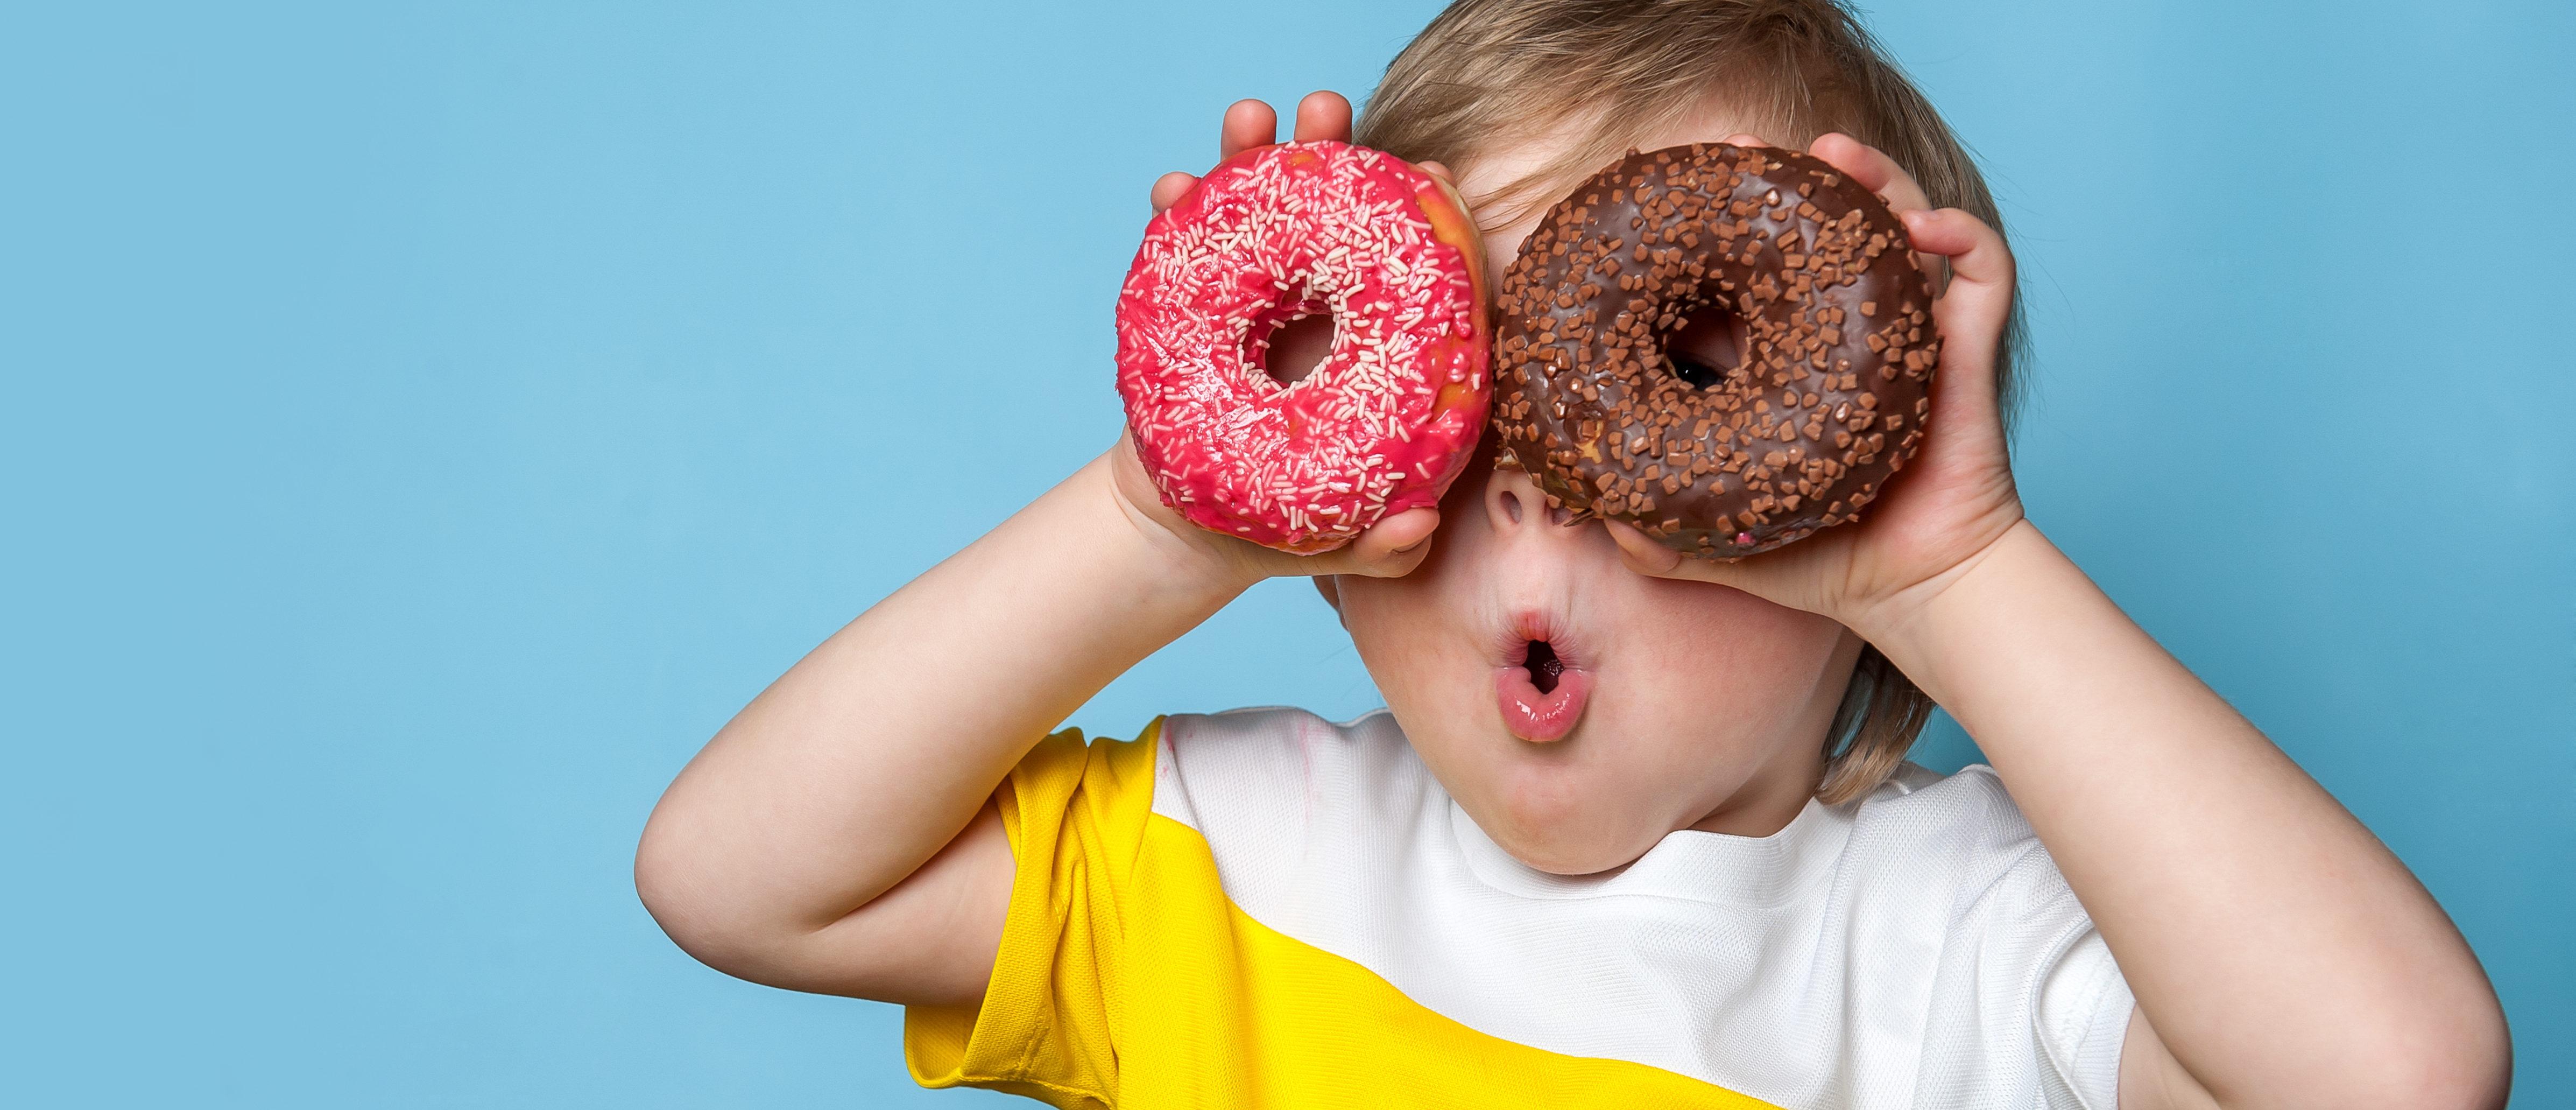 Kid holding donuts (Shutterstock/Sharomka)